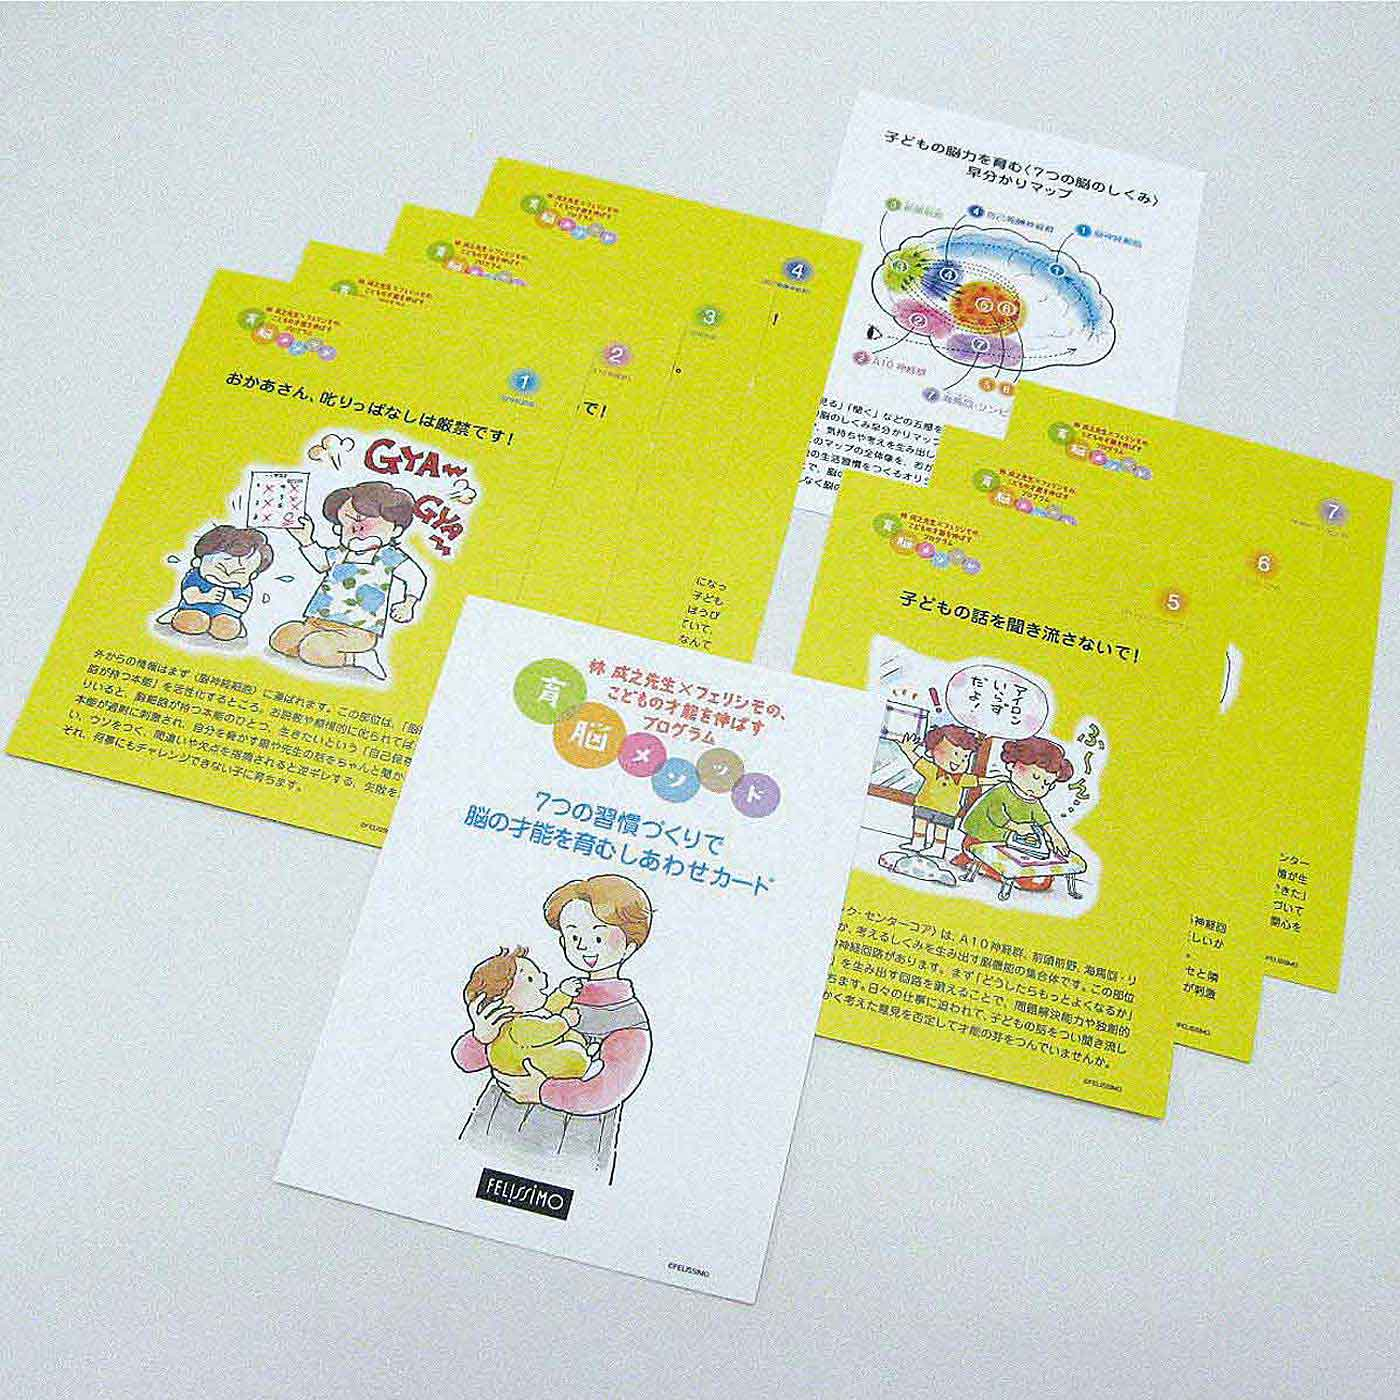 8枚のカードで育脳メソッドが最短で学べます!